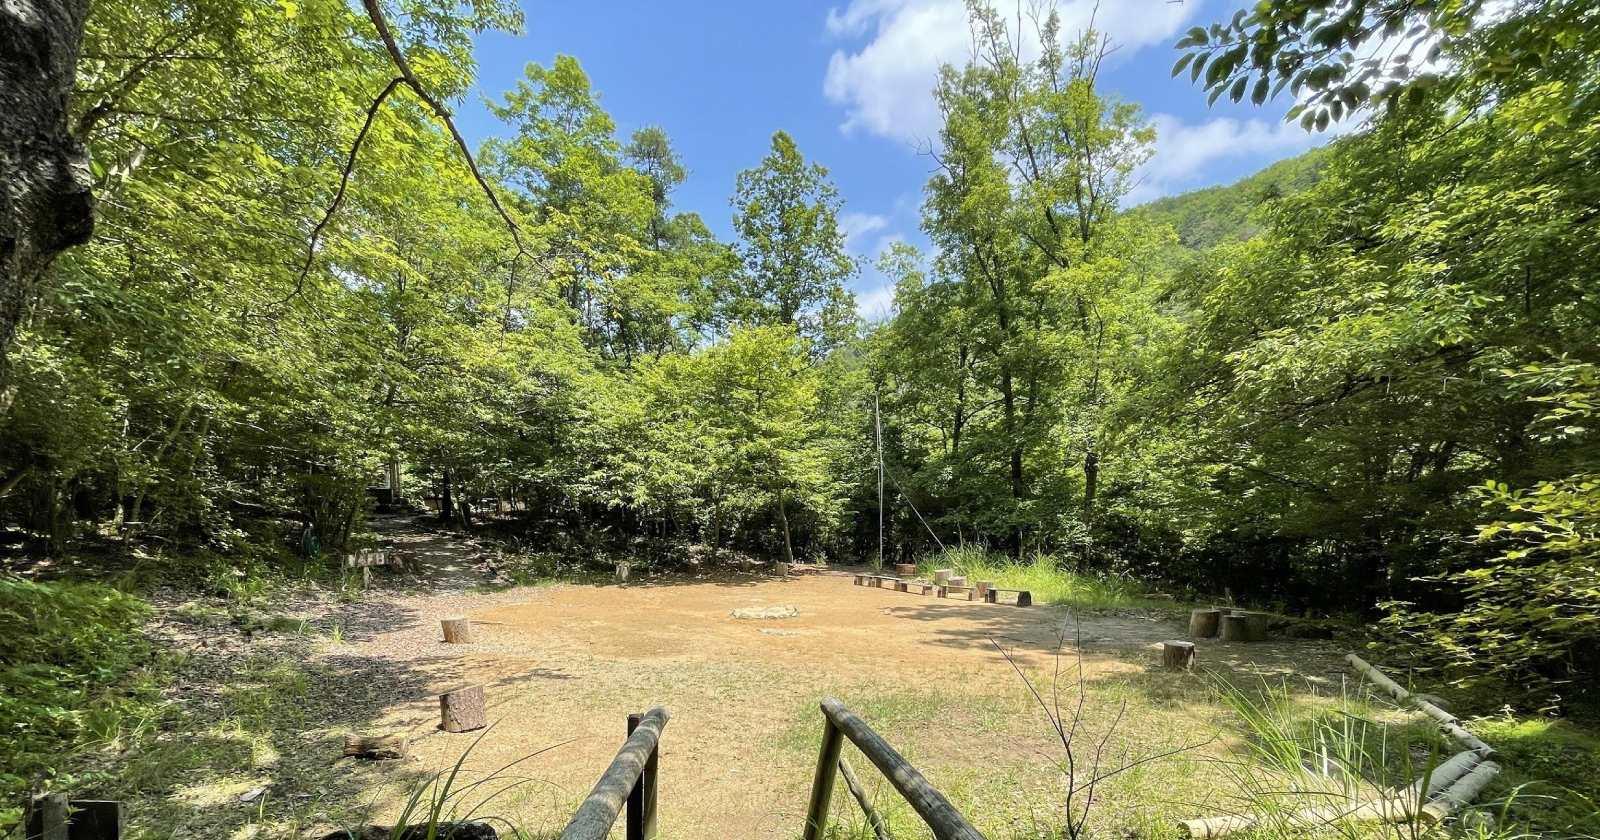 【大阪府】豊中市立青少年自然の家わっぱる 自然のままの森と川をどちらもまとめて楽しめる!